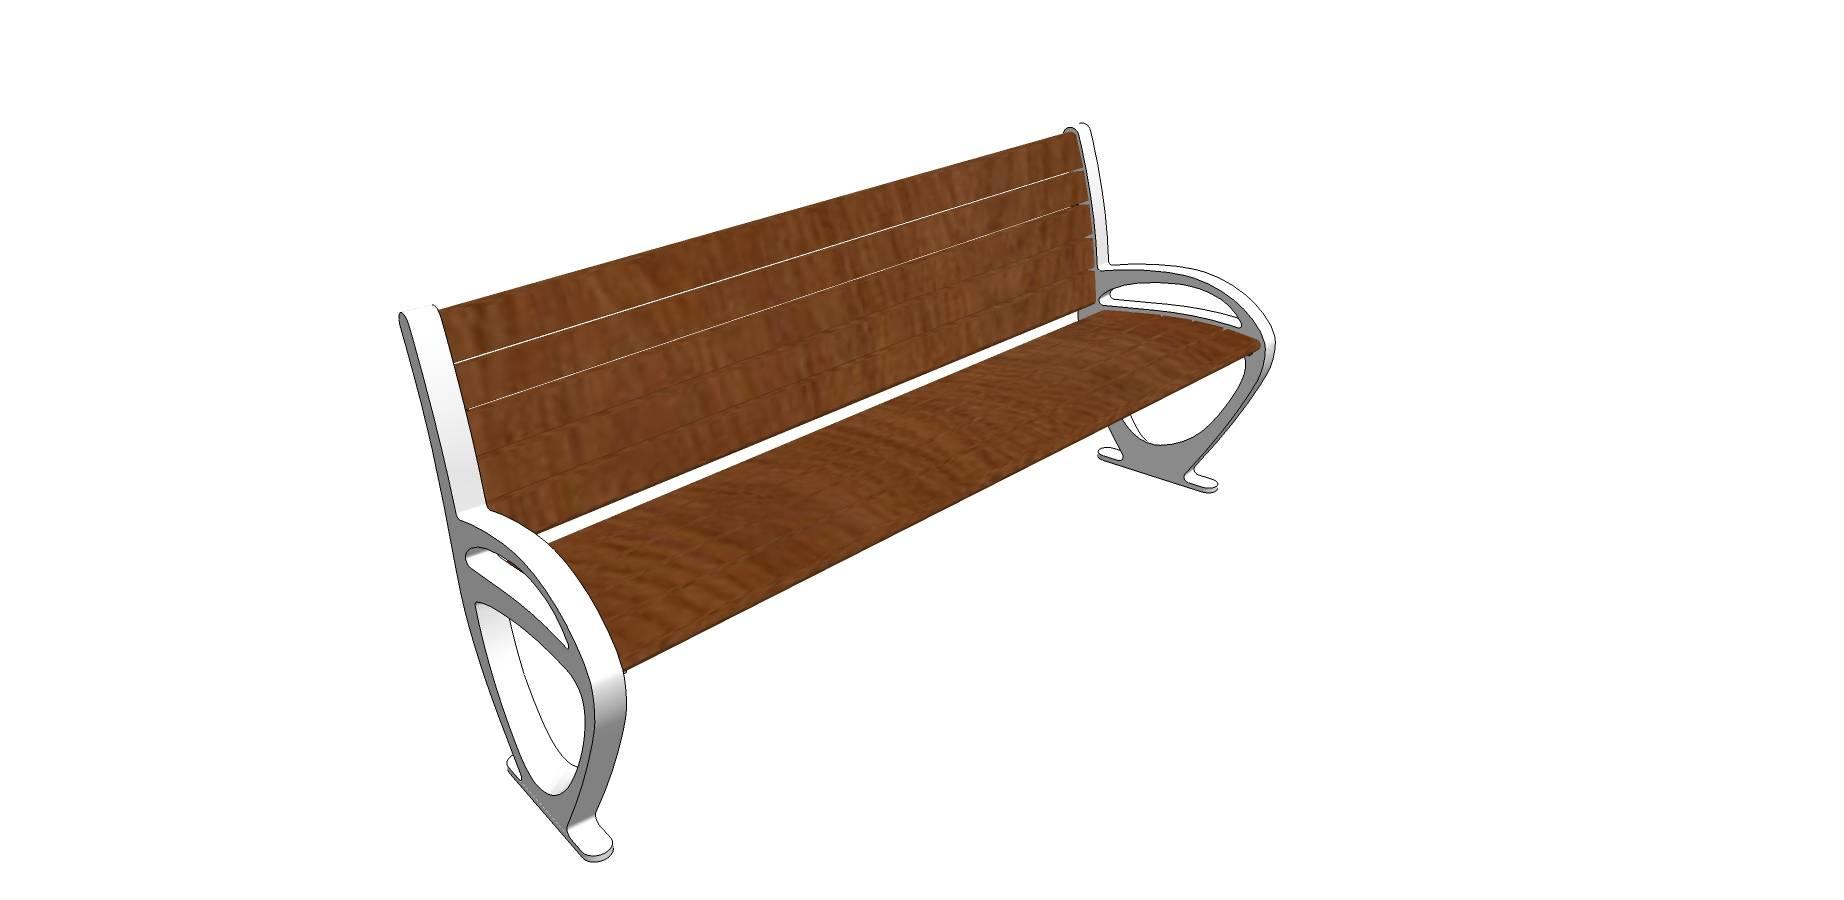 步行街/公园/户外休闲座椅SU模型